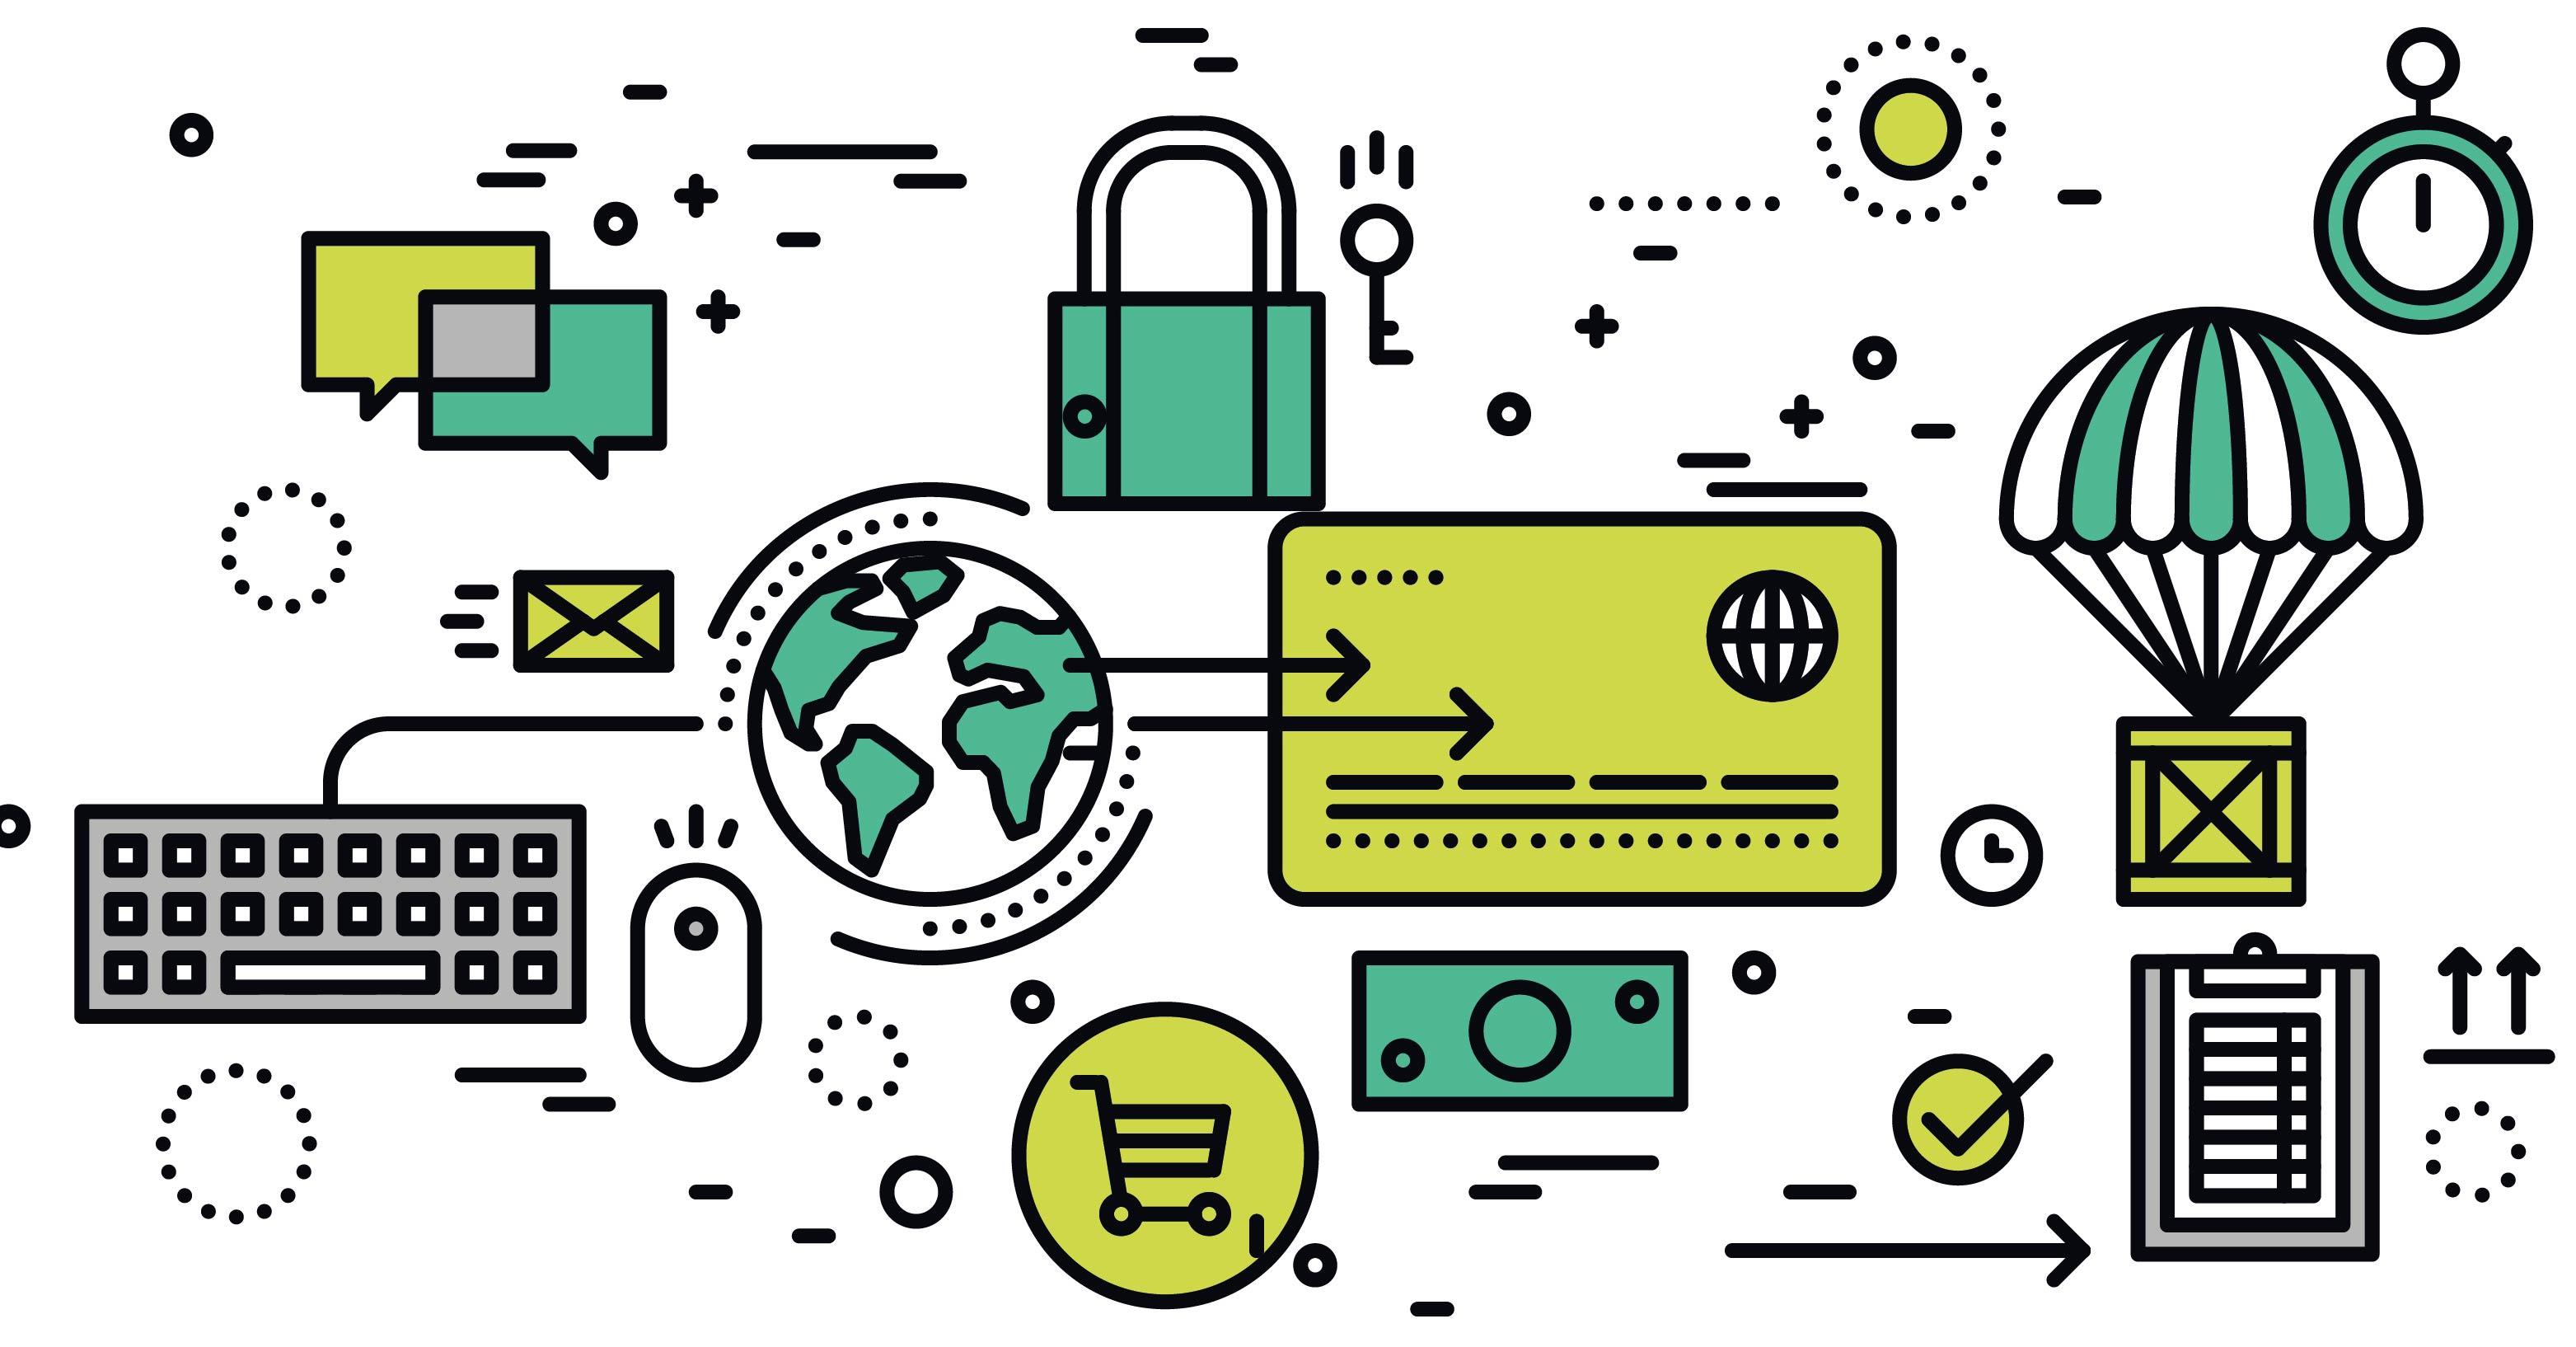 Seguridad al pagar con tarjetas de débito y crédito